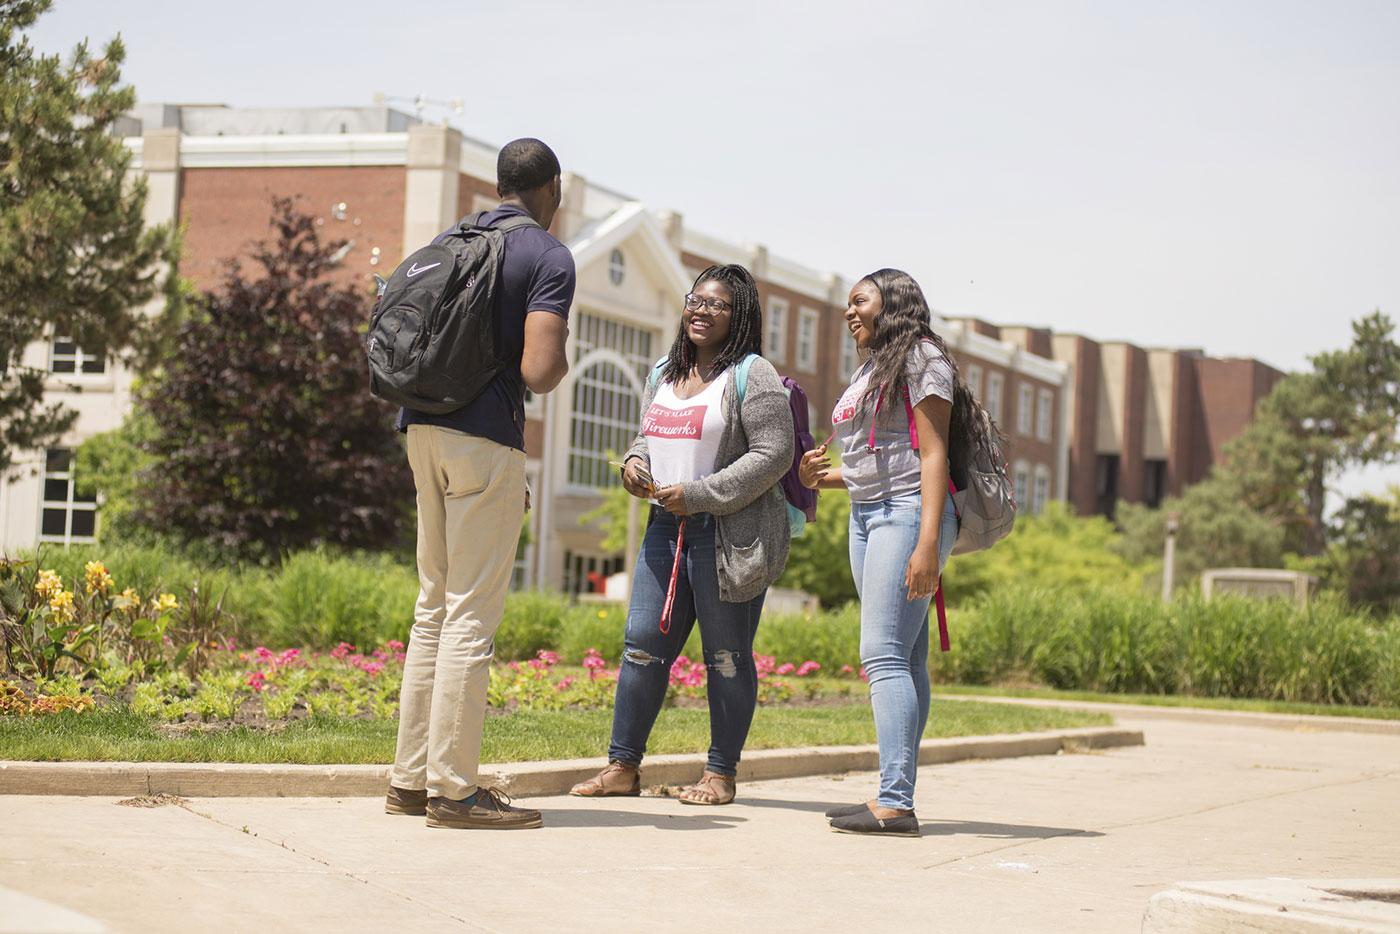 Students on Campus @ Illinois State University